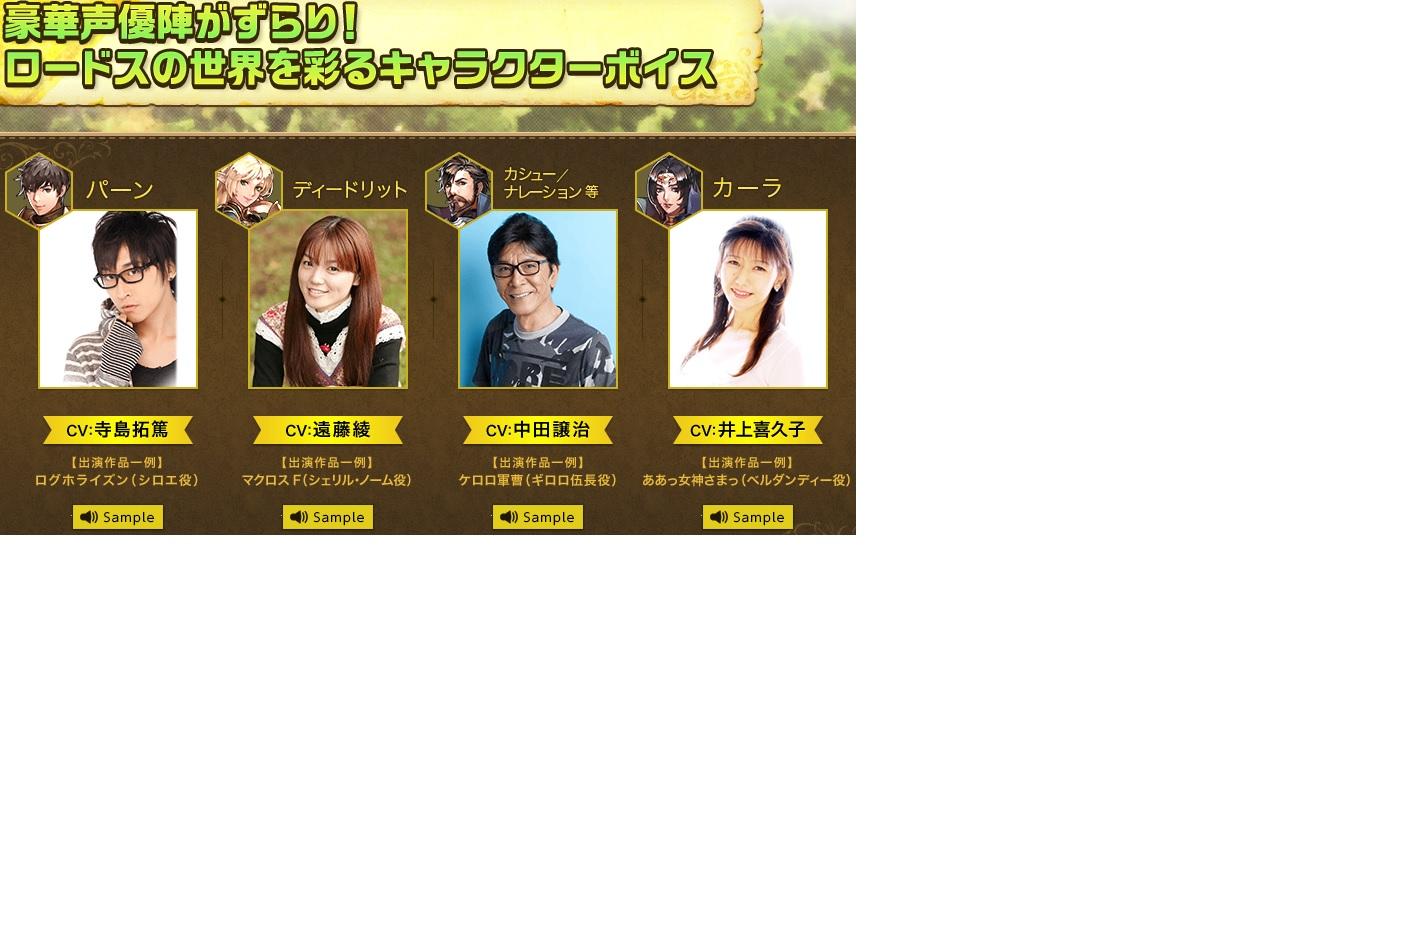 ロードス島戦記オンライン4